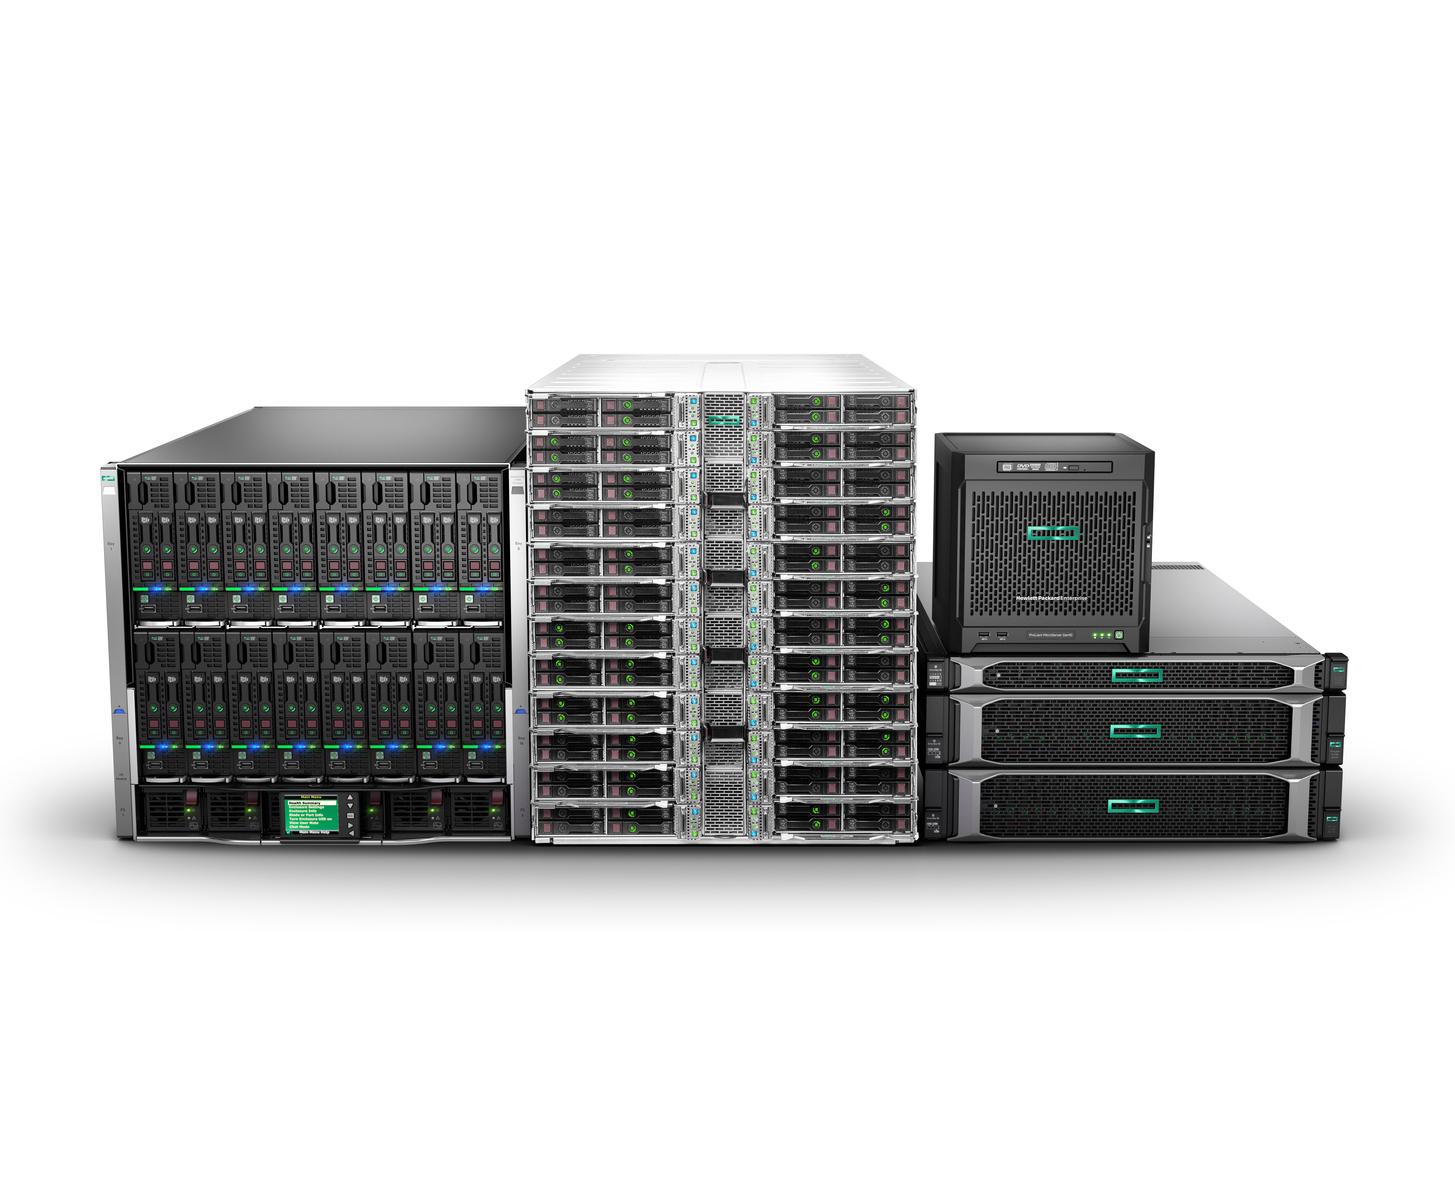 https://www.hpe.com/us/en/servers/gen10-servers.html